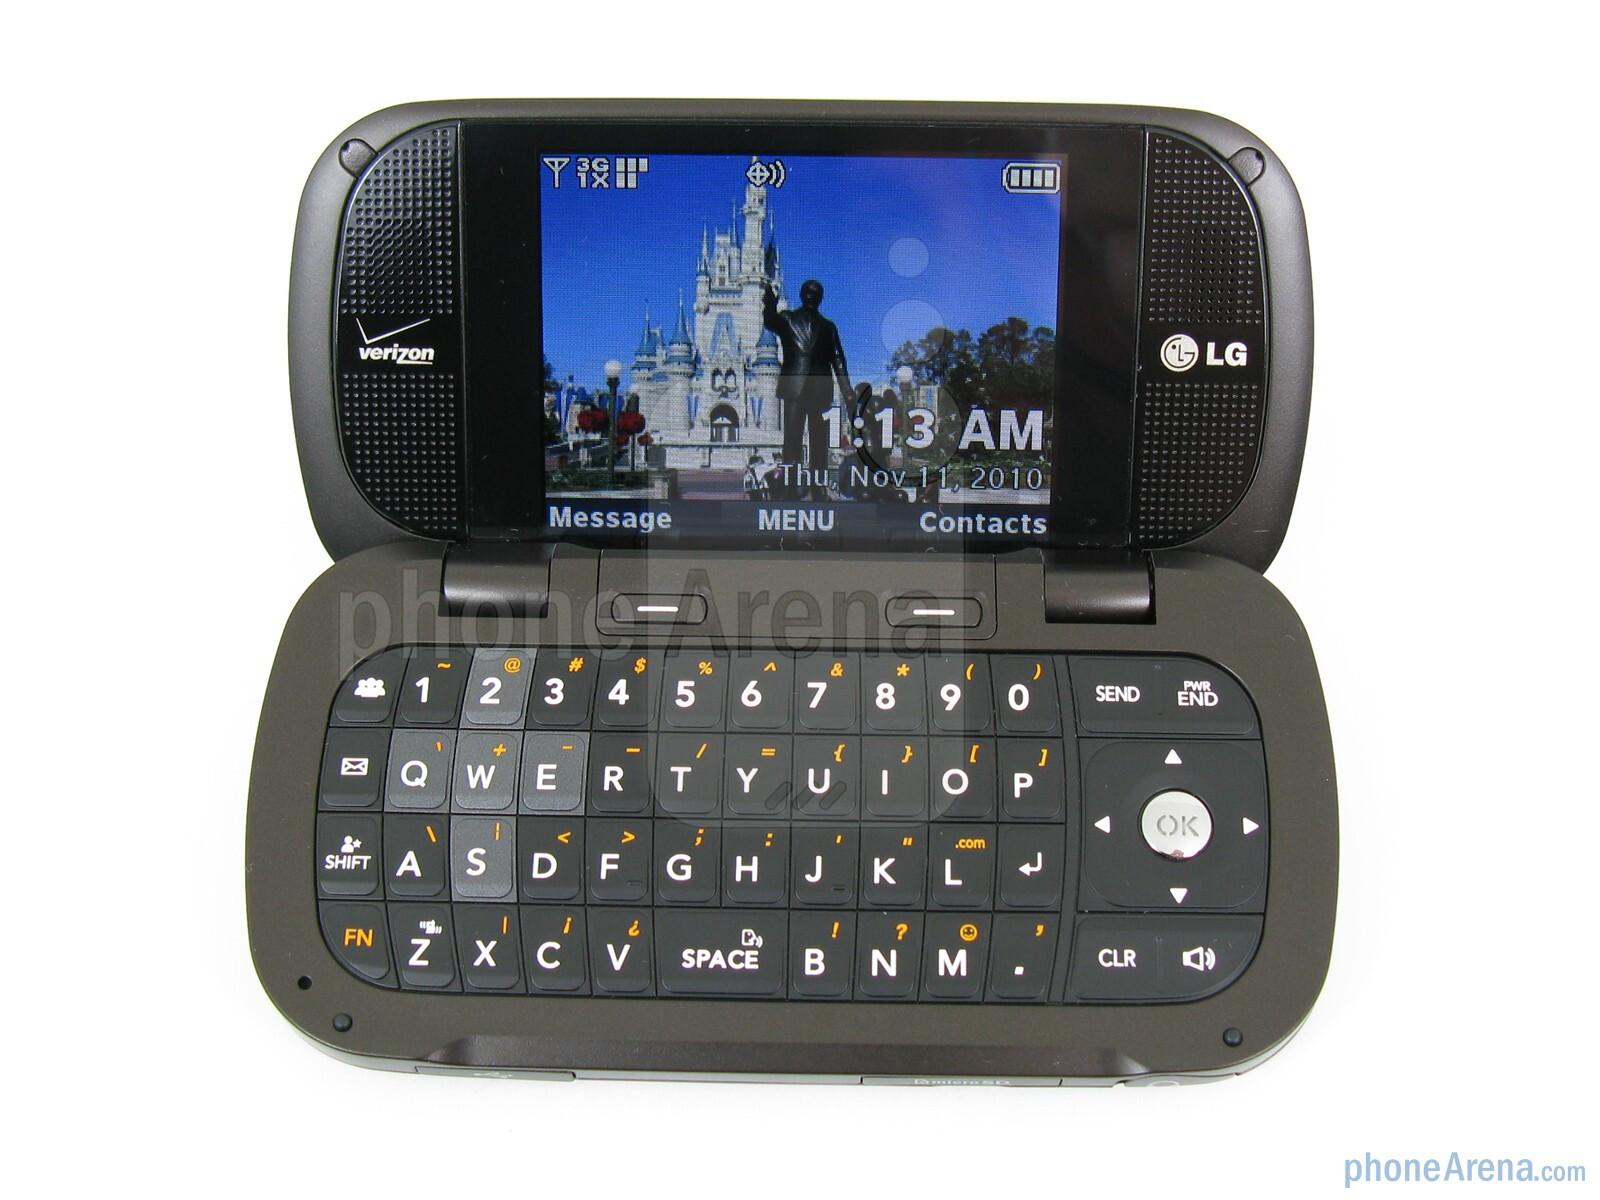 lg octane review rh phonearena com Verizon LG Octane Cell Phone New Verizon LG Octane Directions